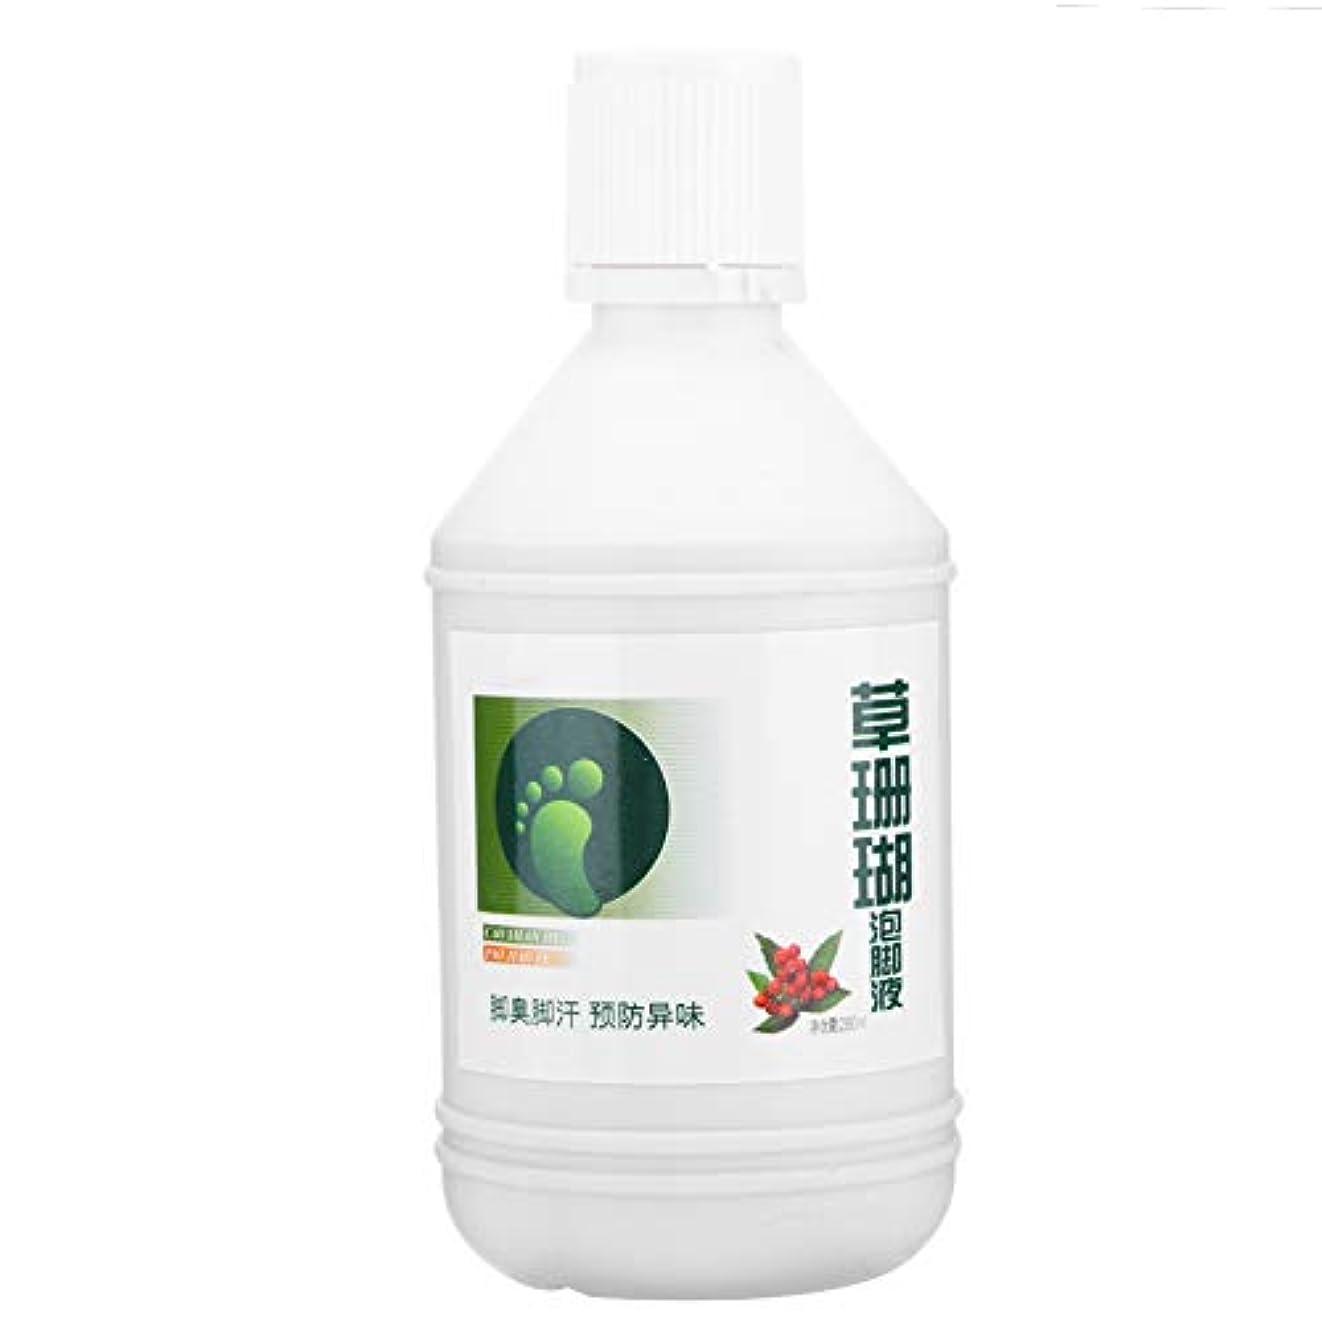 アレイ愛シュリンクフットリキッド、260mlプロ用アスリートフットで臭いのするリキッドを取り除きます - 肌荒れ、乾燥、かかと、そして足裏の滑らかさと柔らかさ